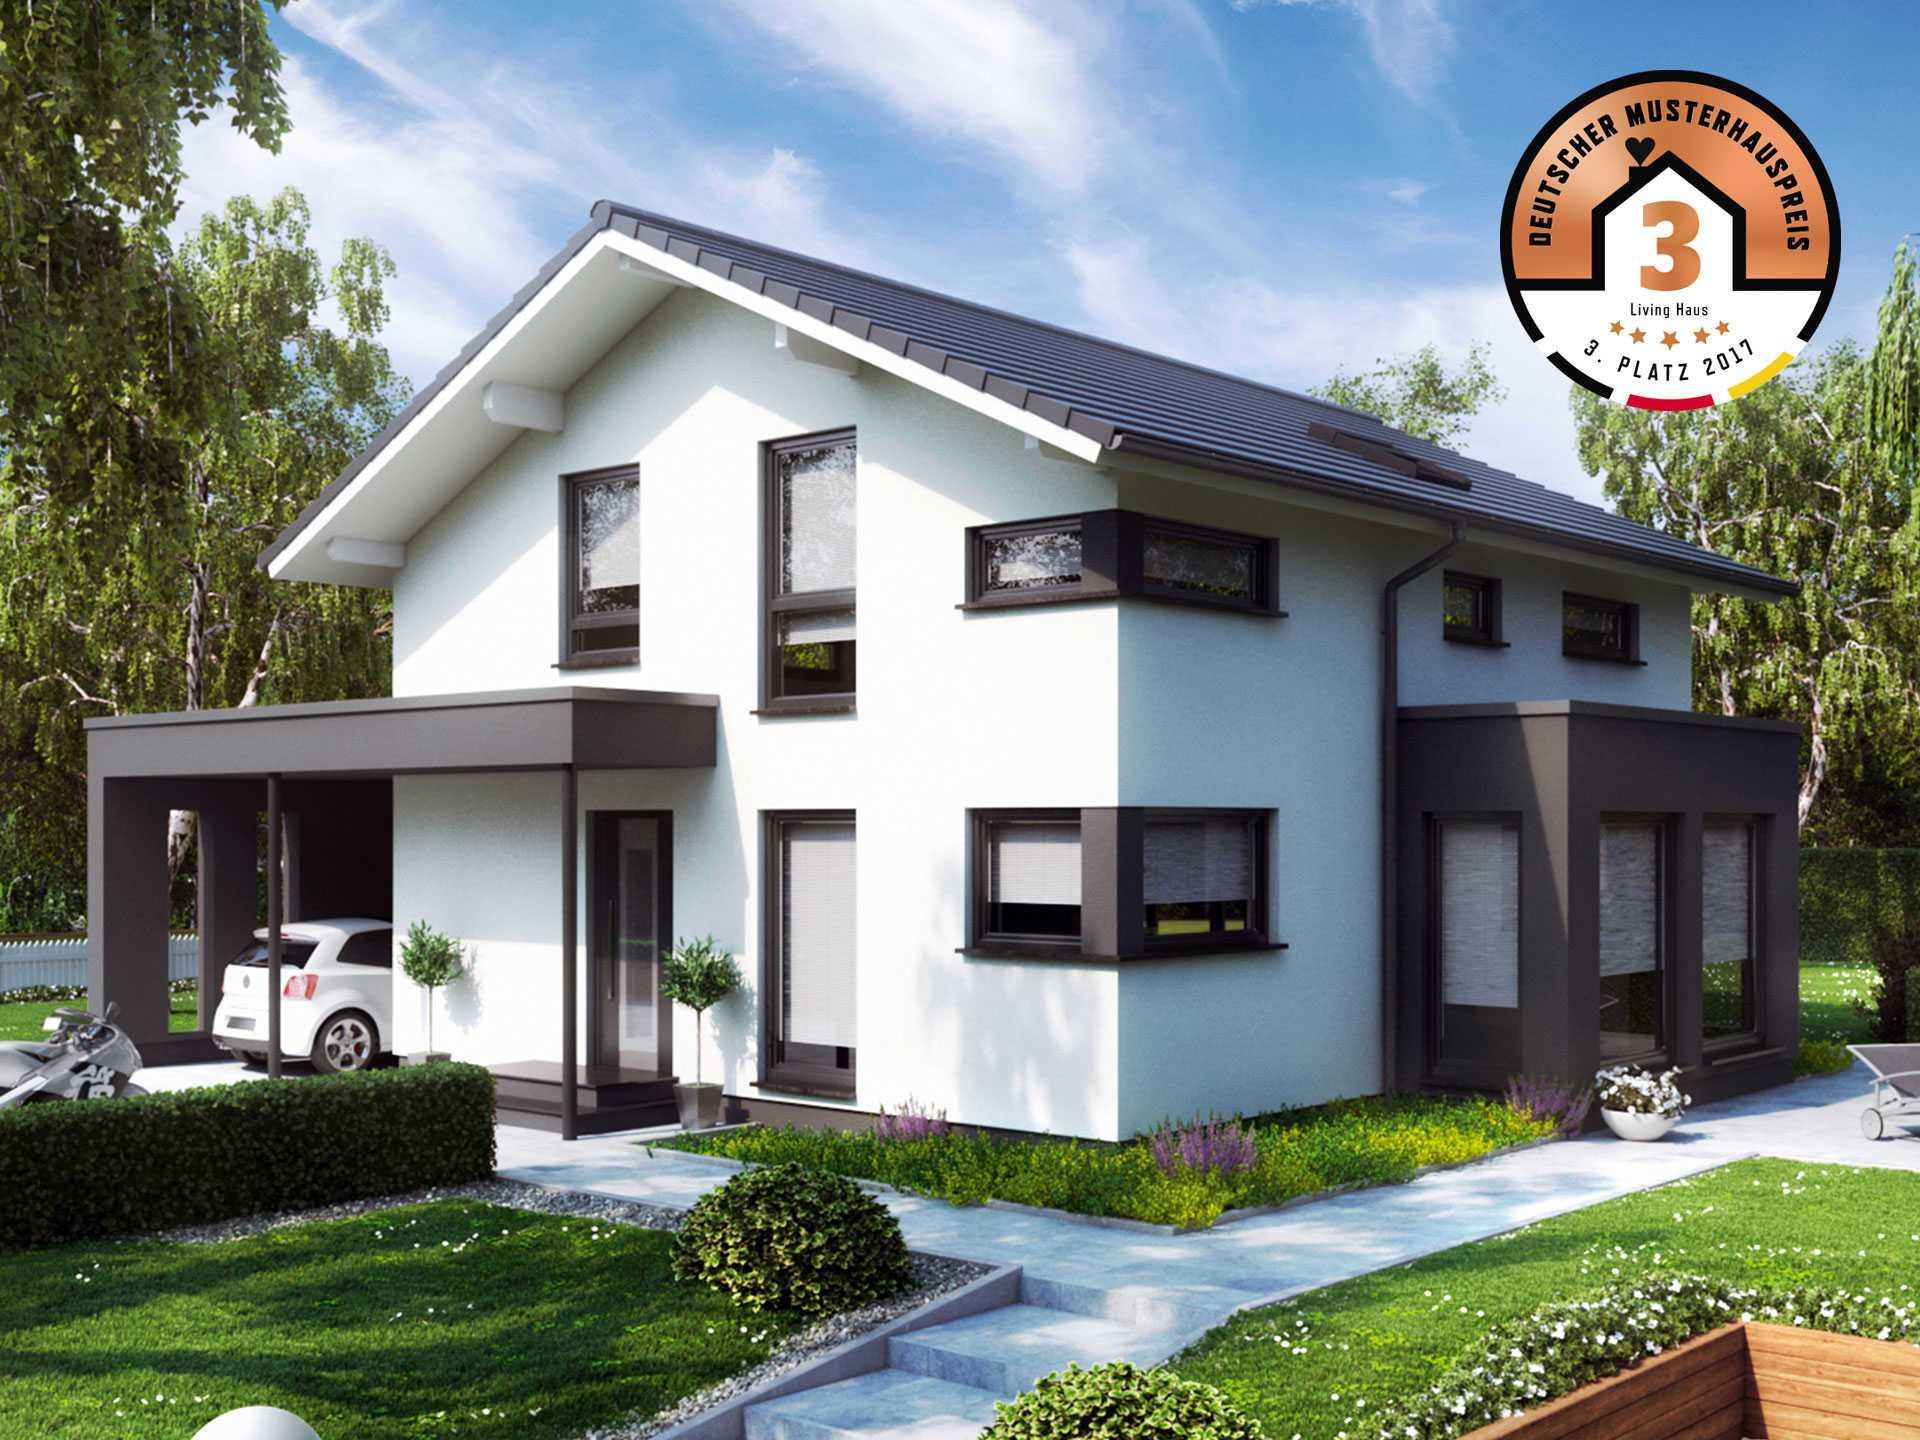 SUNSHINE 143 Mülheim-Kärlich von Living Haus